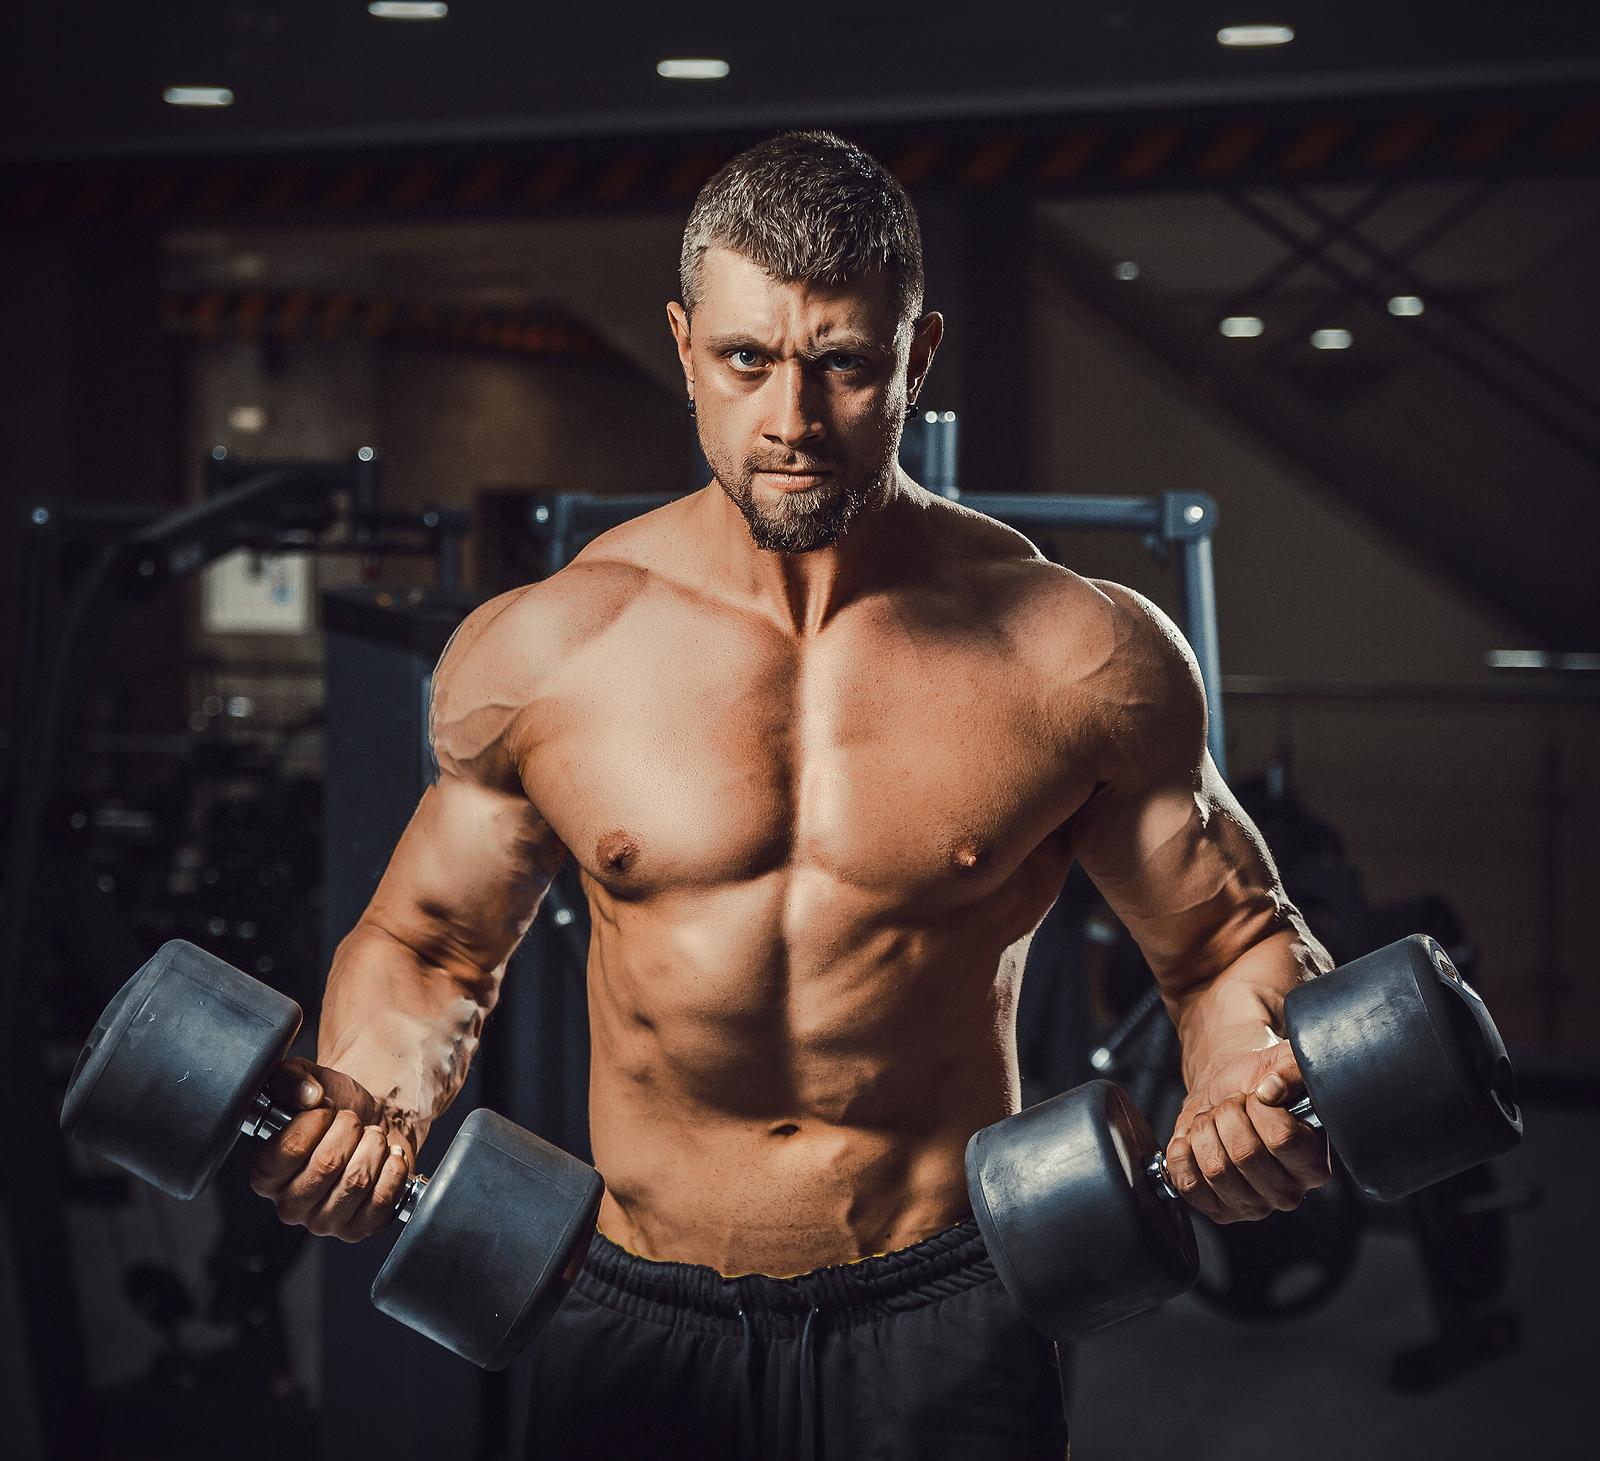 StrengthLog's Strength & Size